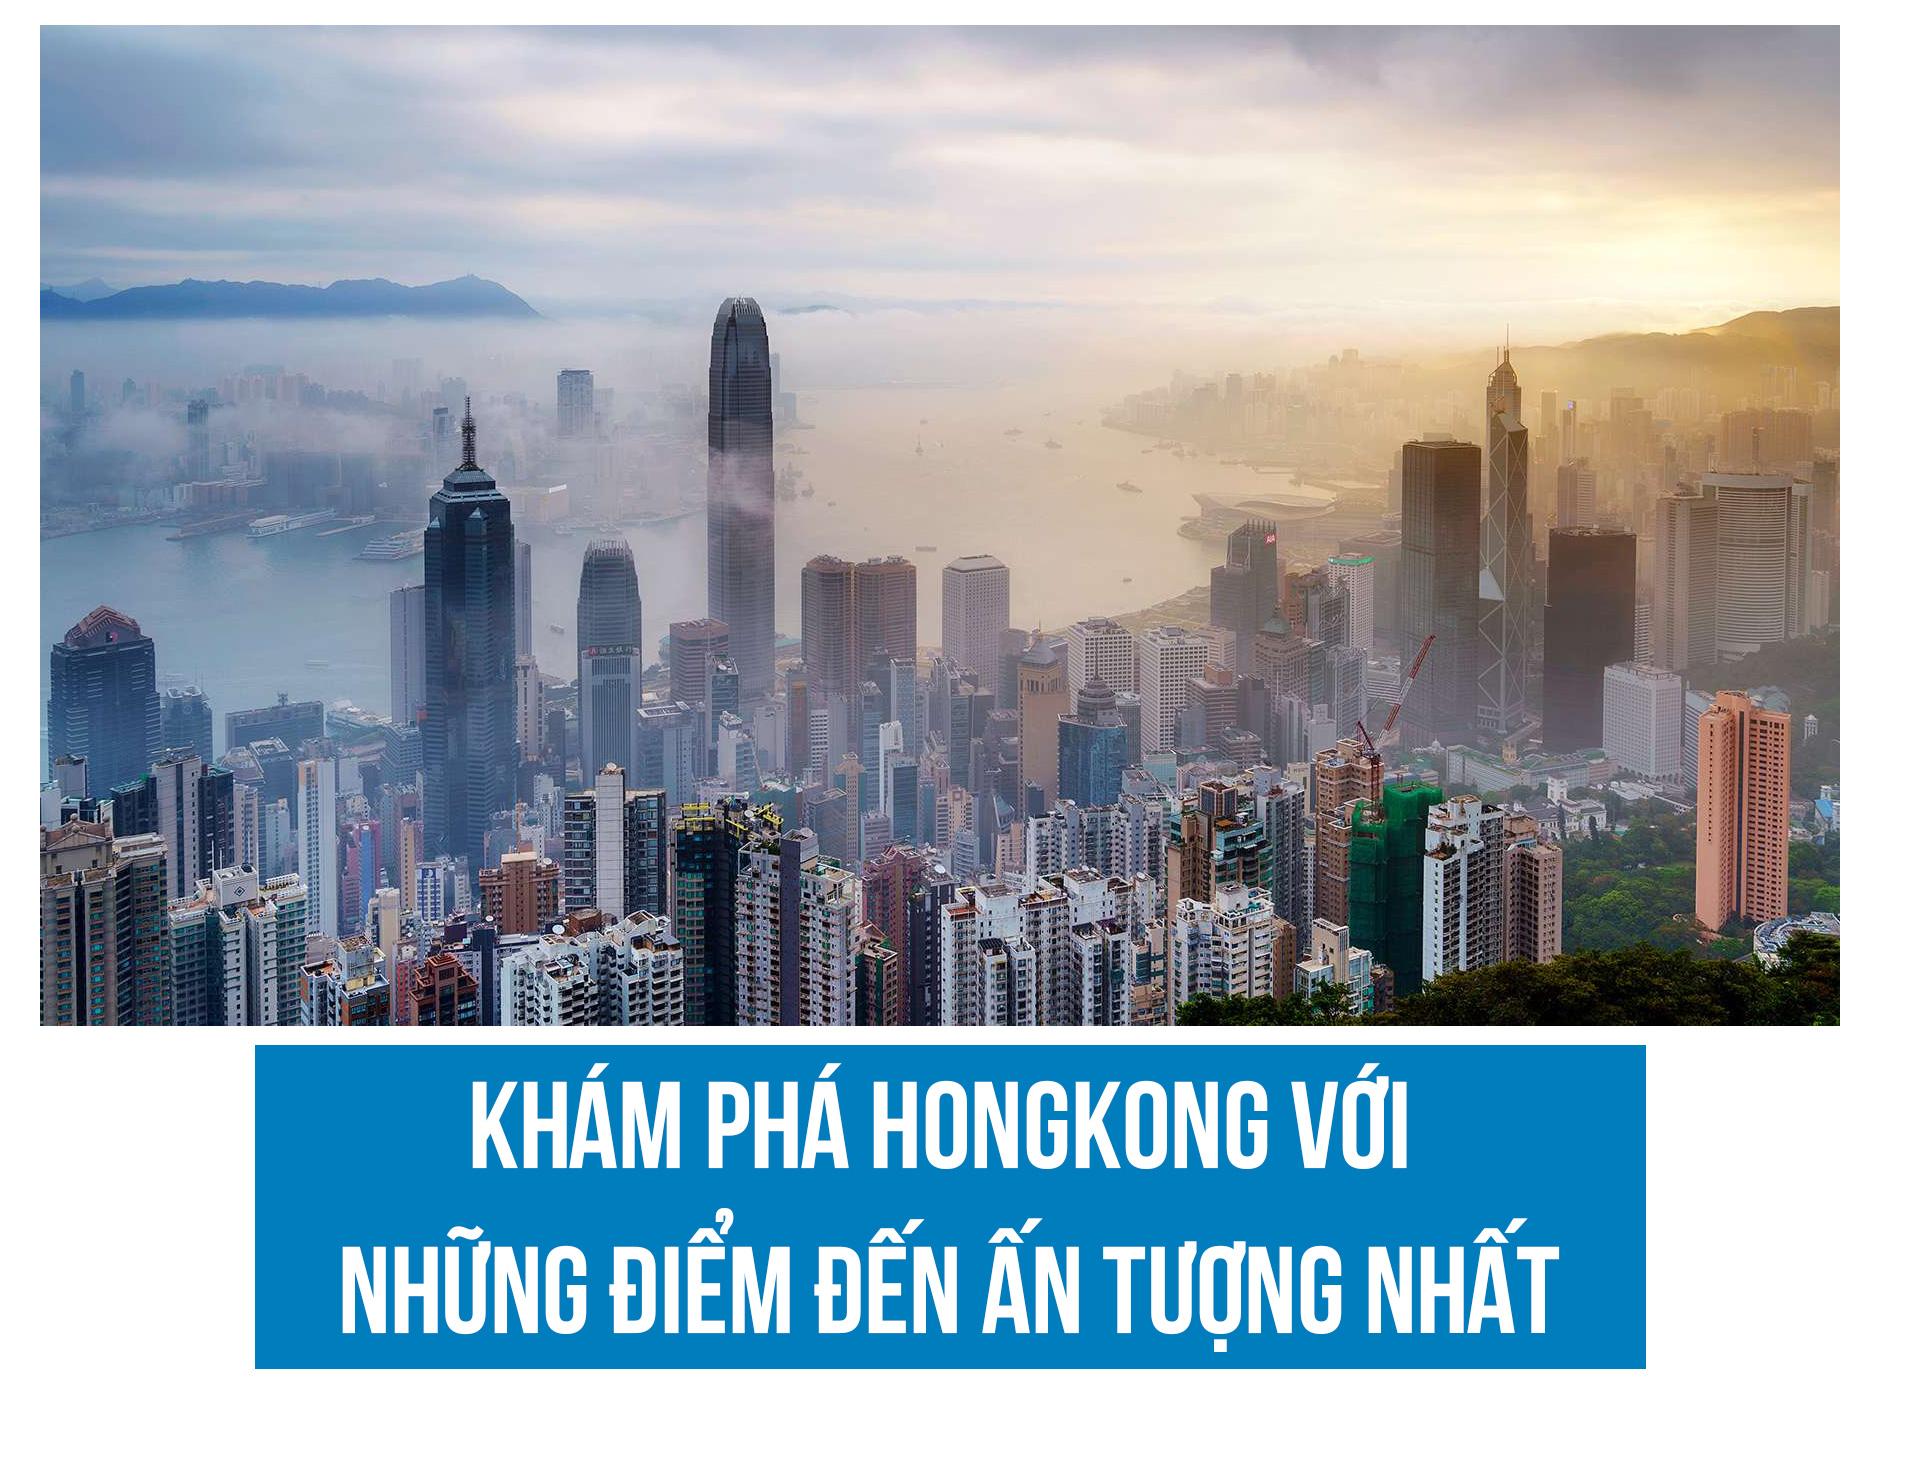 Khám phá Hồng Kông với những điểm đến ấn tượng nhất - 1